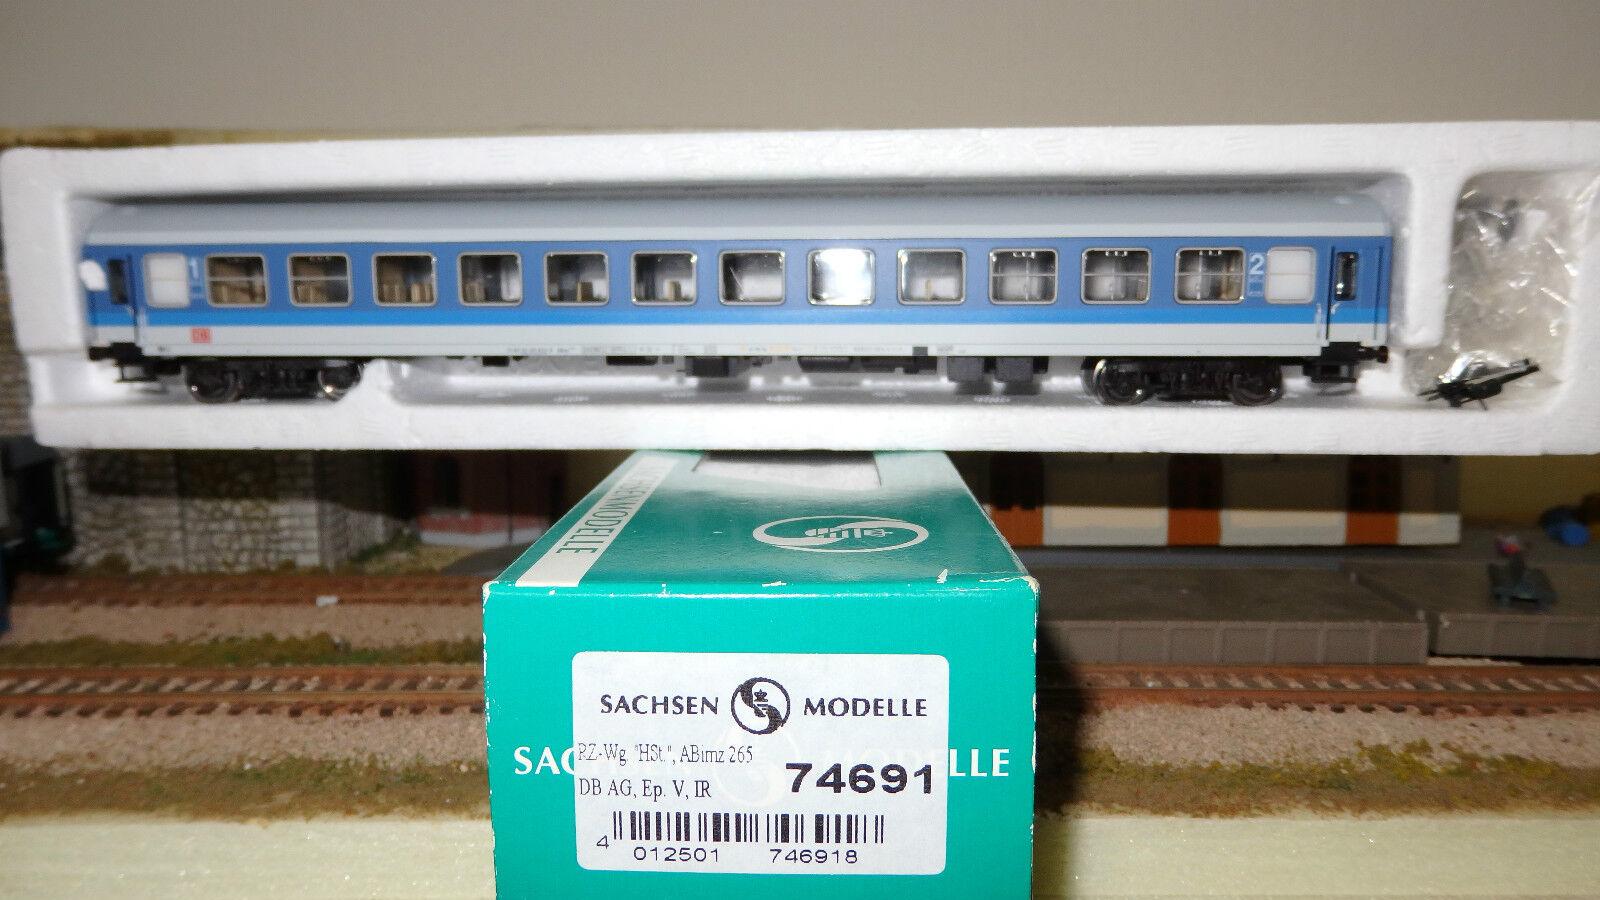 Sachsenmodelle Tillig 74691 Coche Mixta 1 2 Cl. Bautzen Librea Ir Azul blancoo